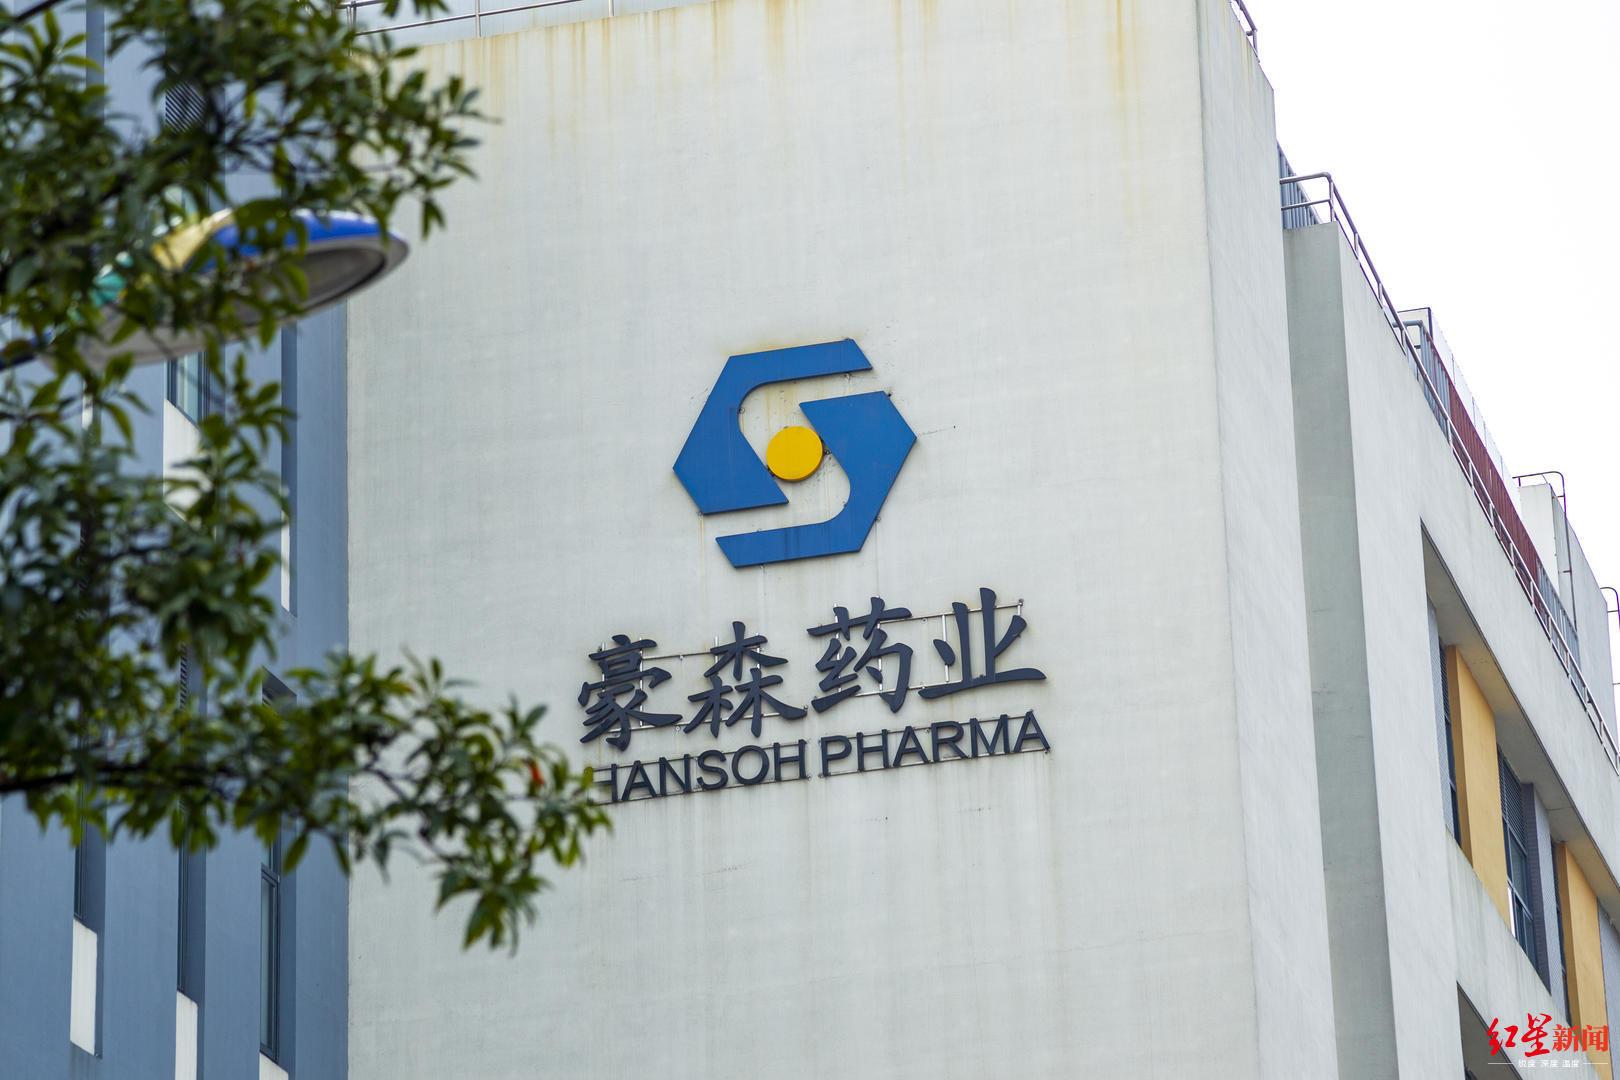 豪森药业挂牌上市 中国医药最强夫妻档身家破千亿